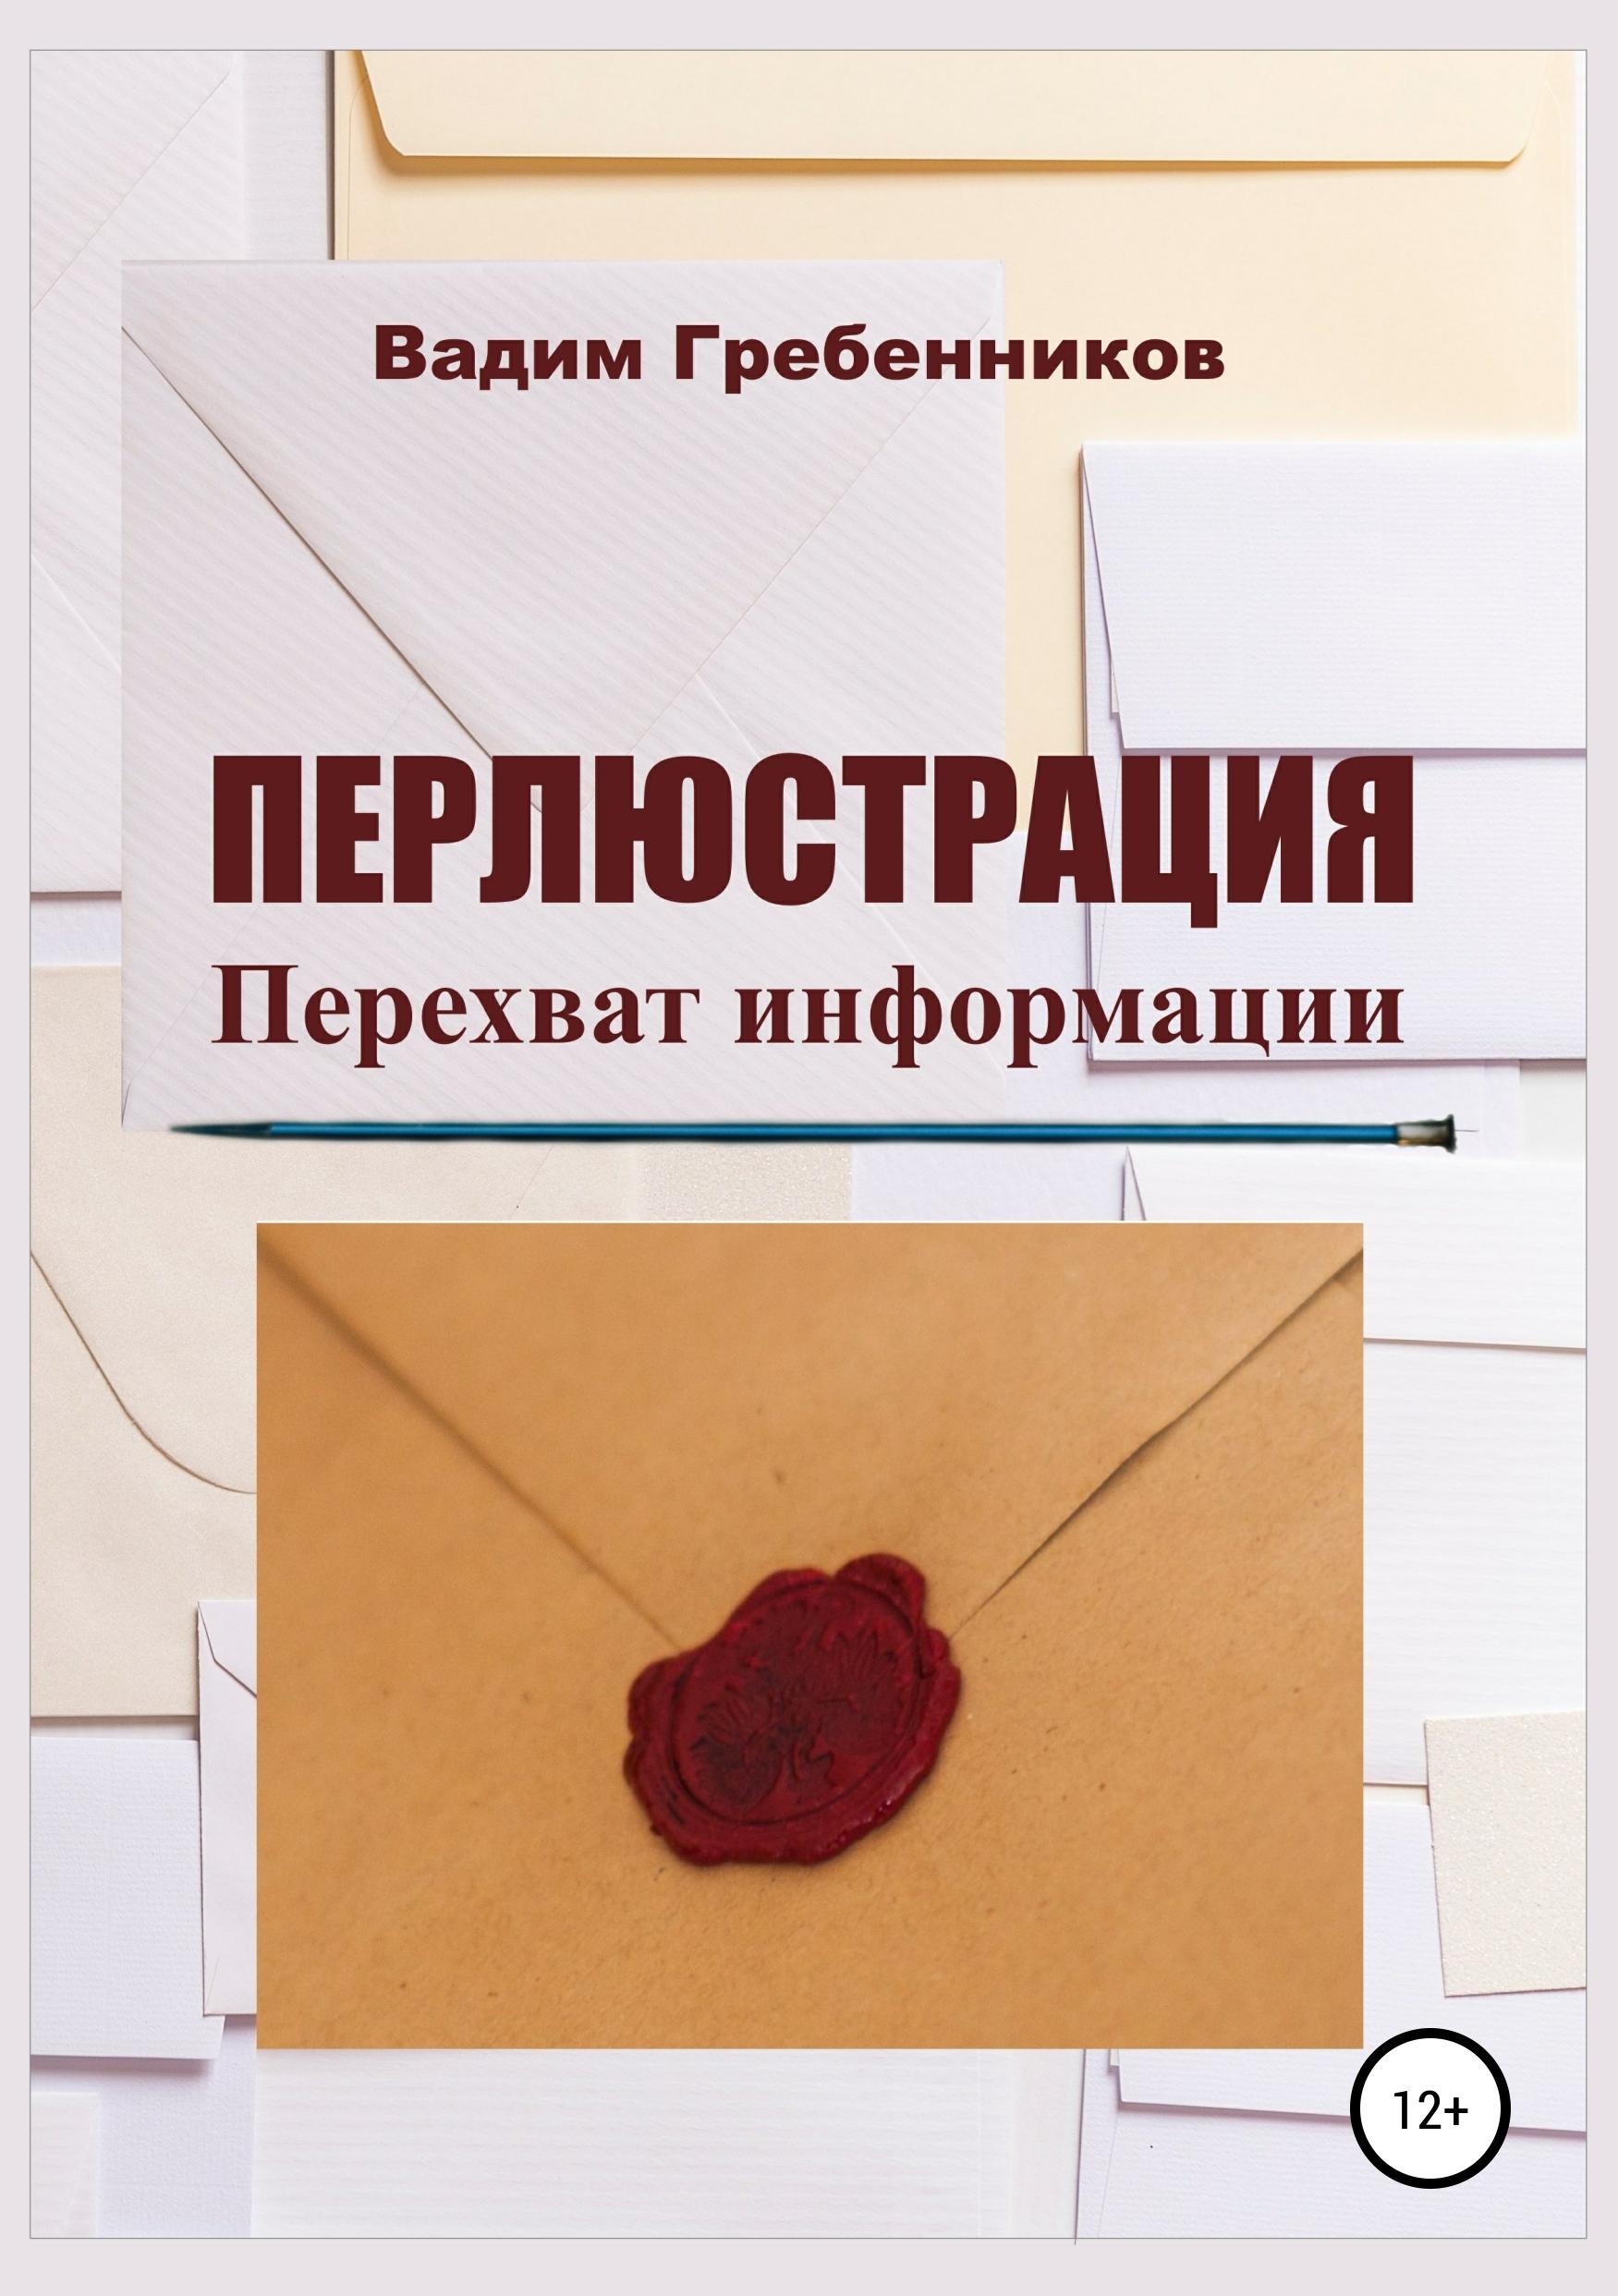 Вадим Гребенников Перлюстрация. Перехват информации